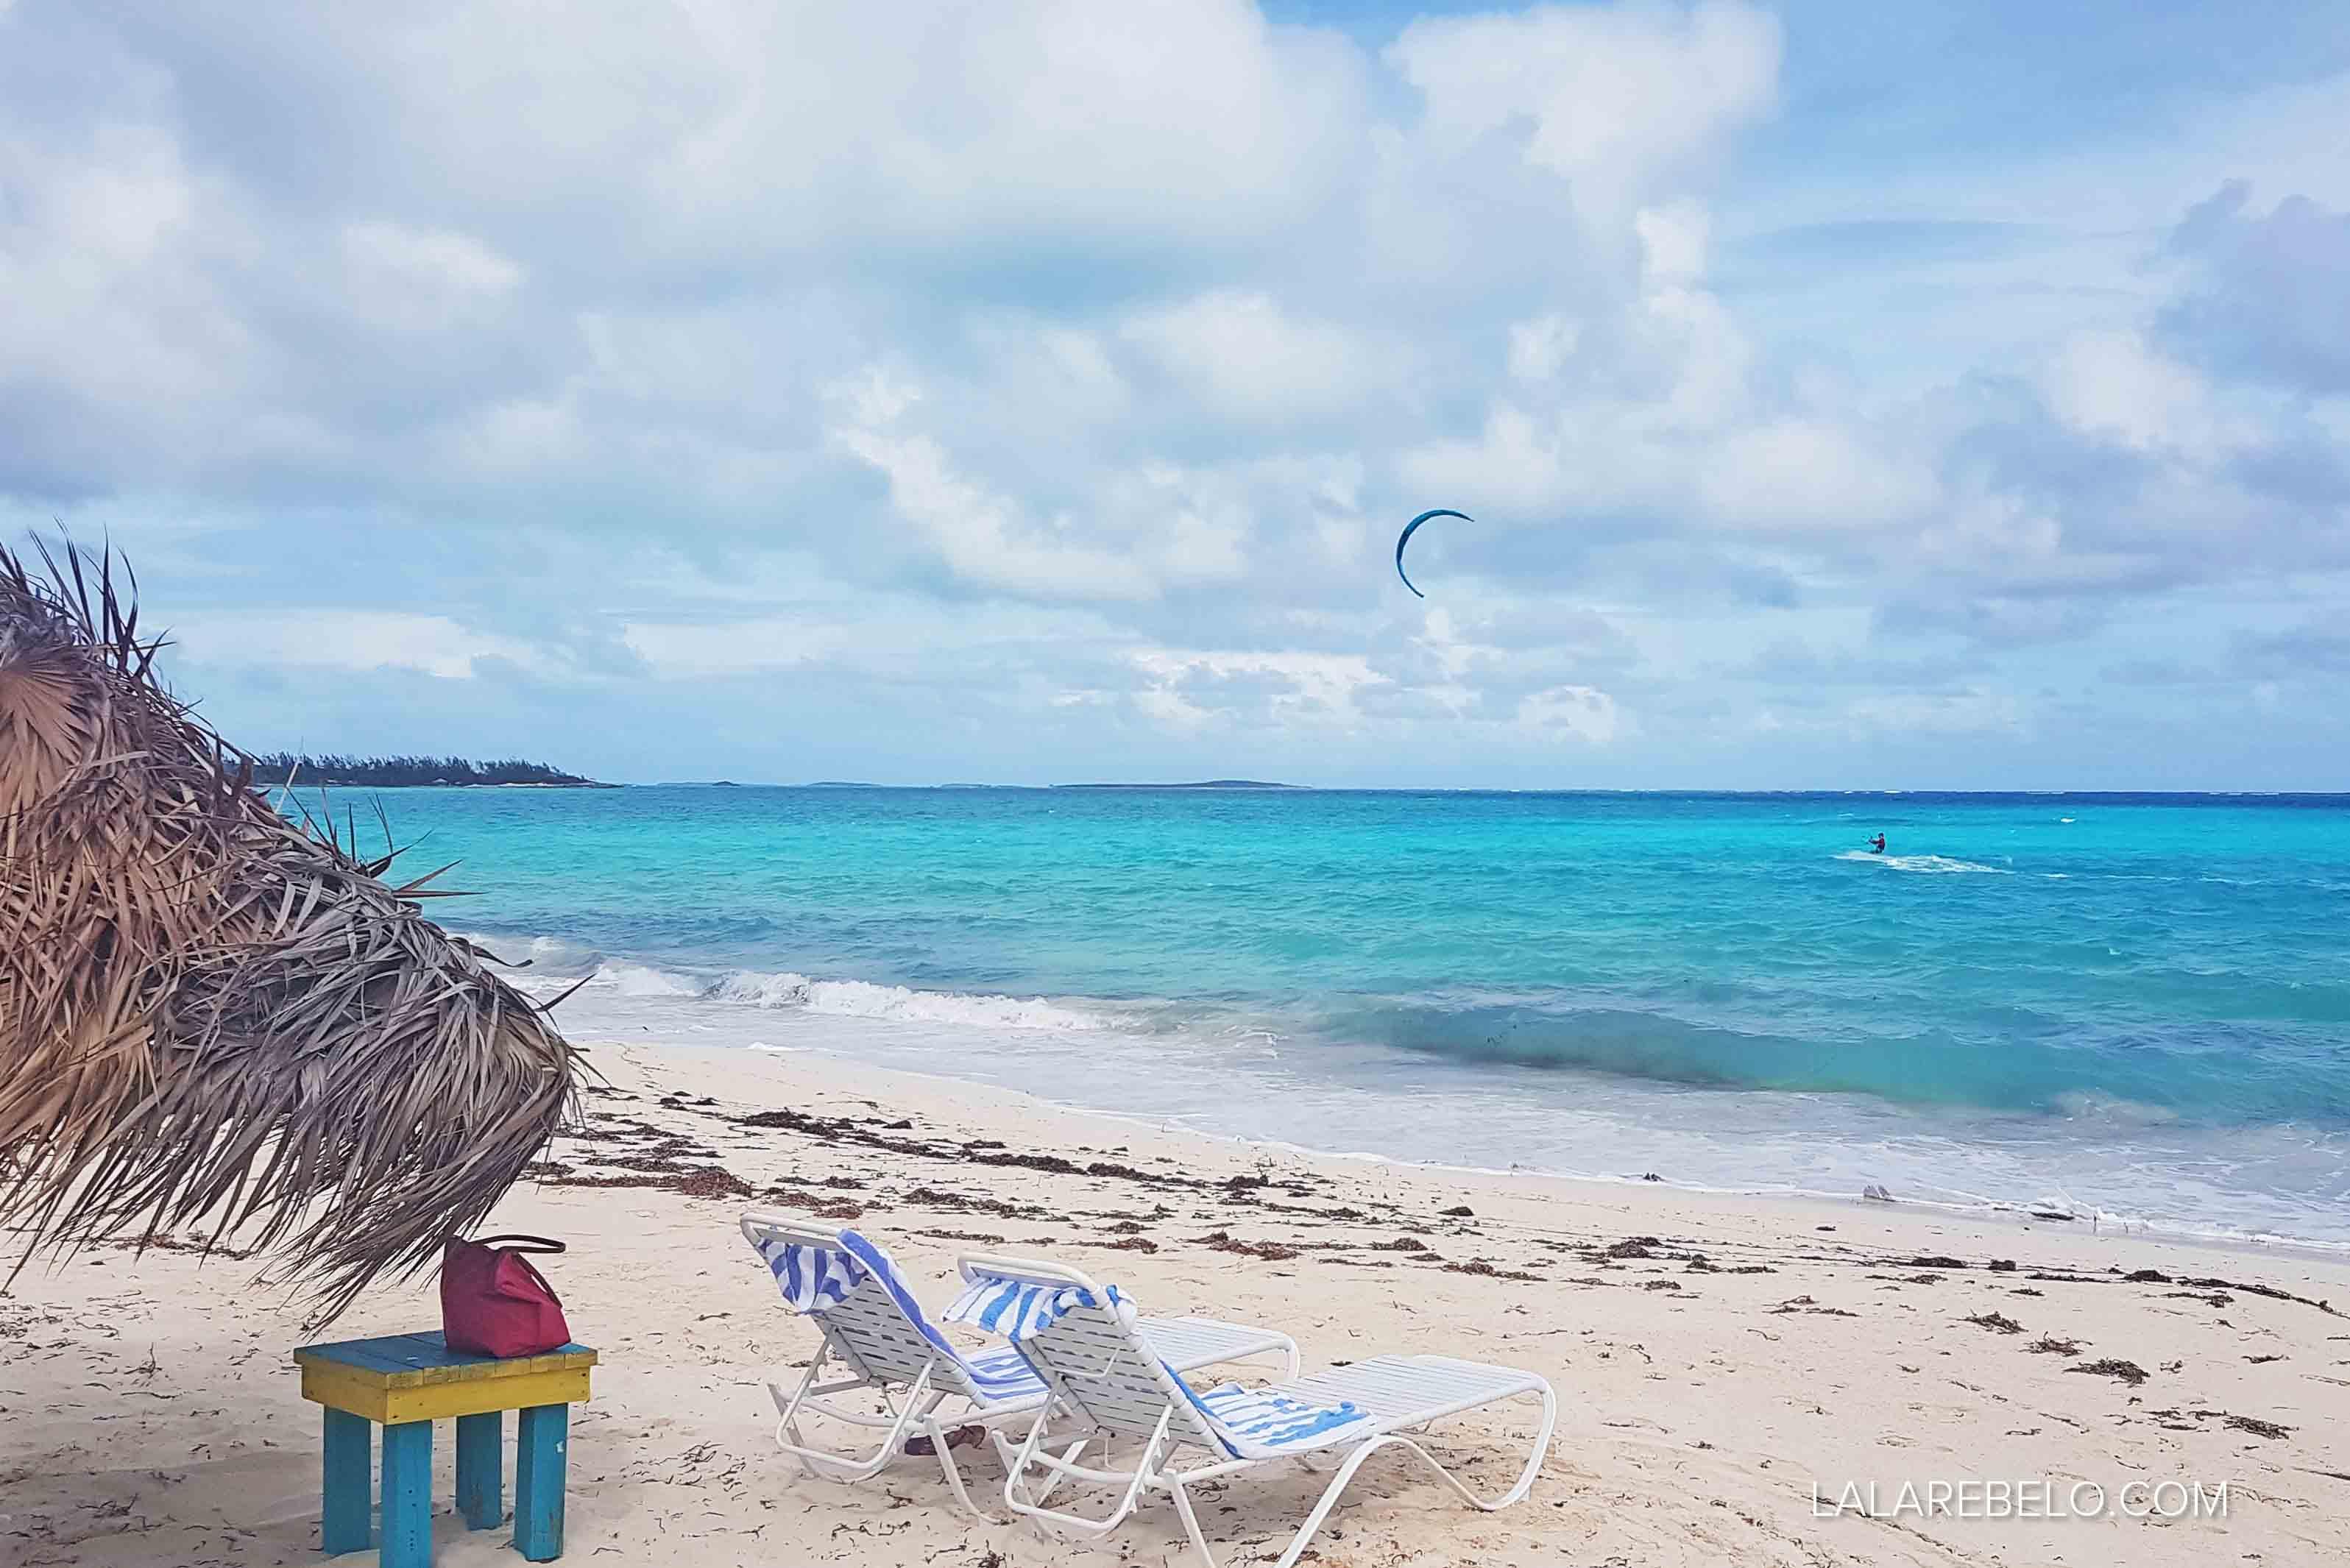 flamingo-bay-exuma-bahamas